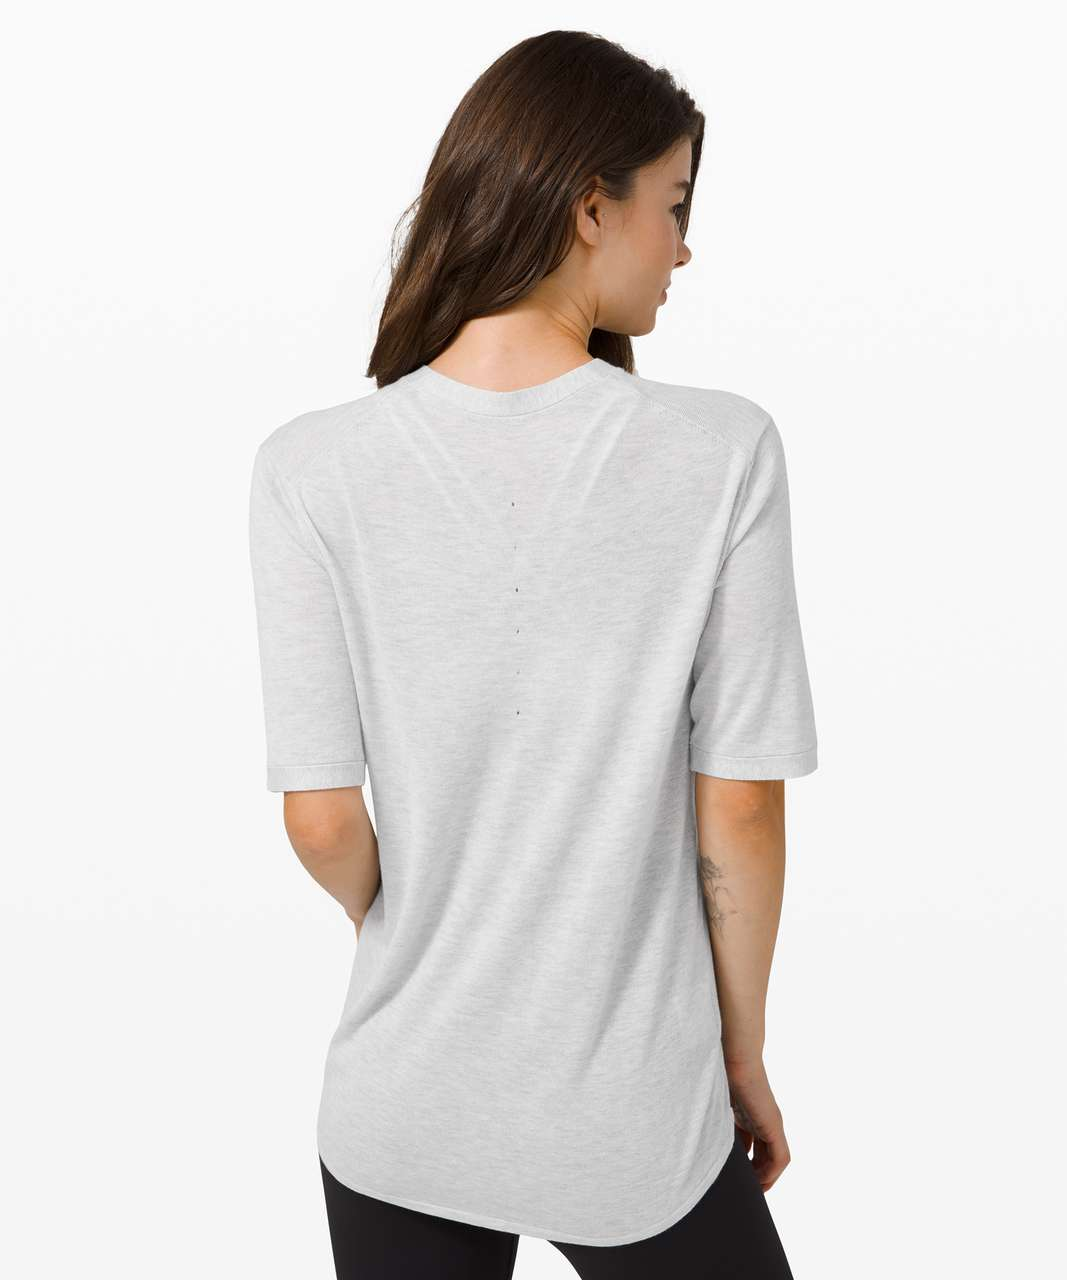 Lululemon Easy Days Short Sleeve - Heathered Core Ultra Light Grey